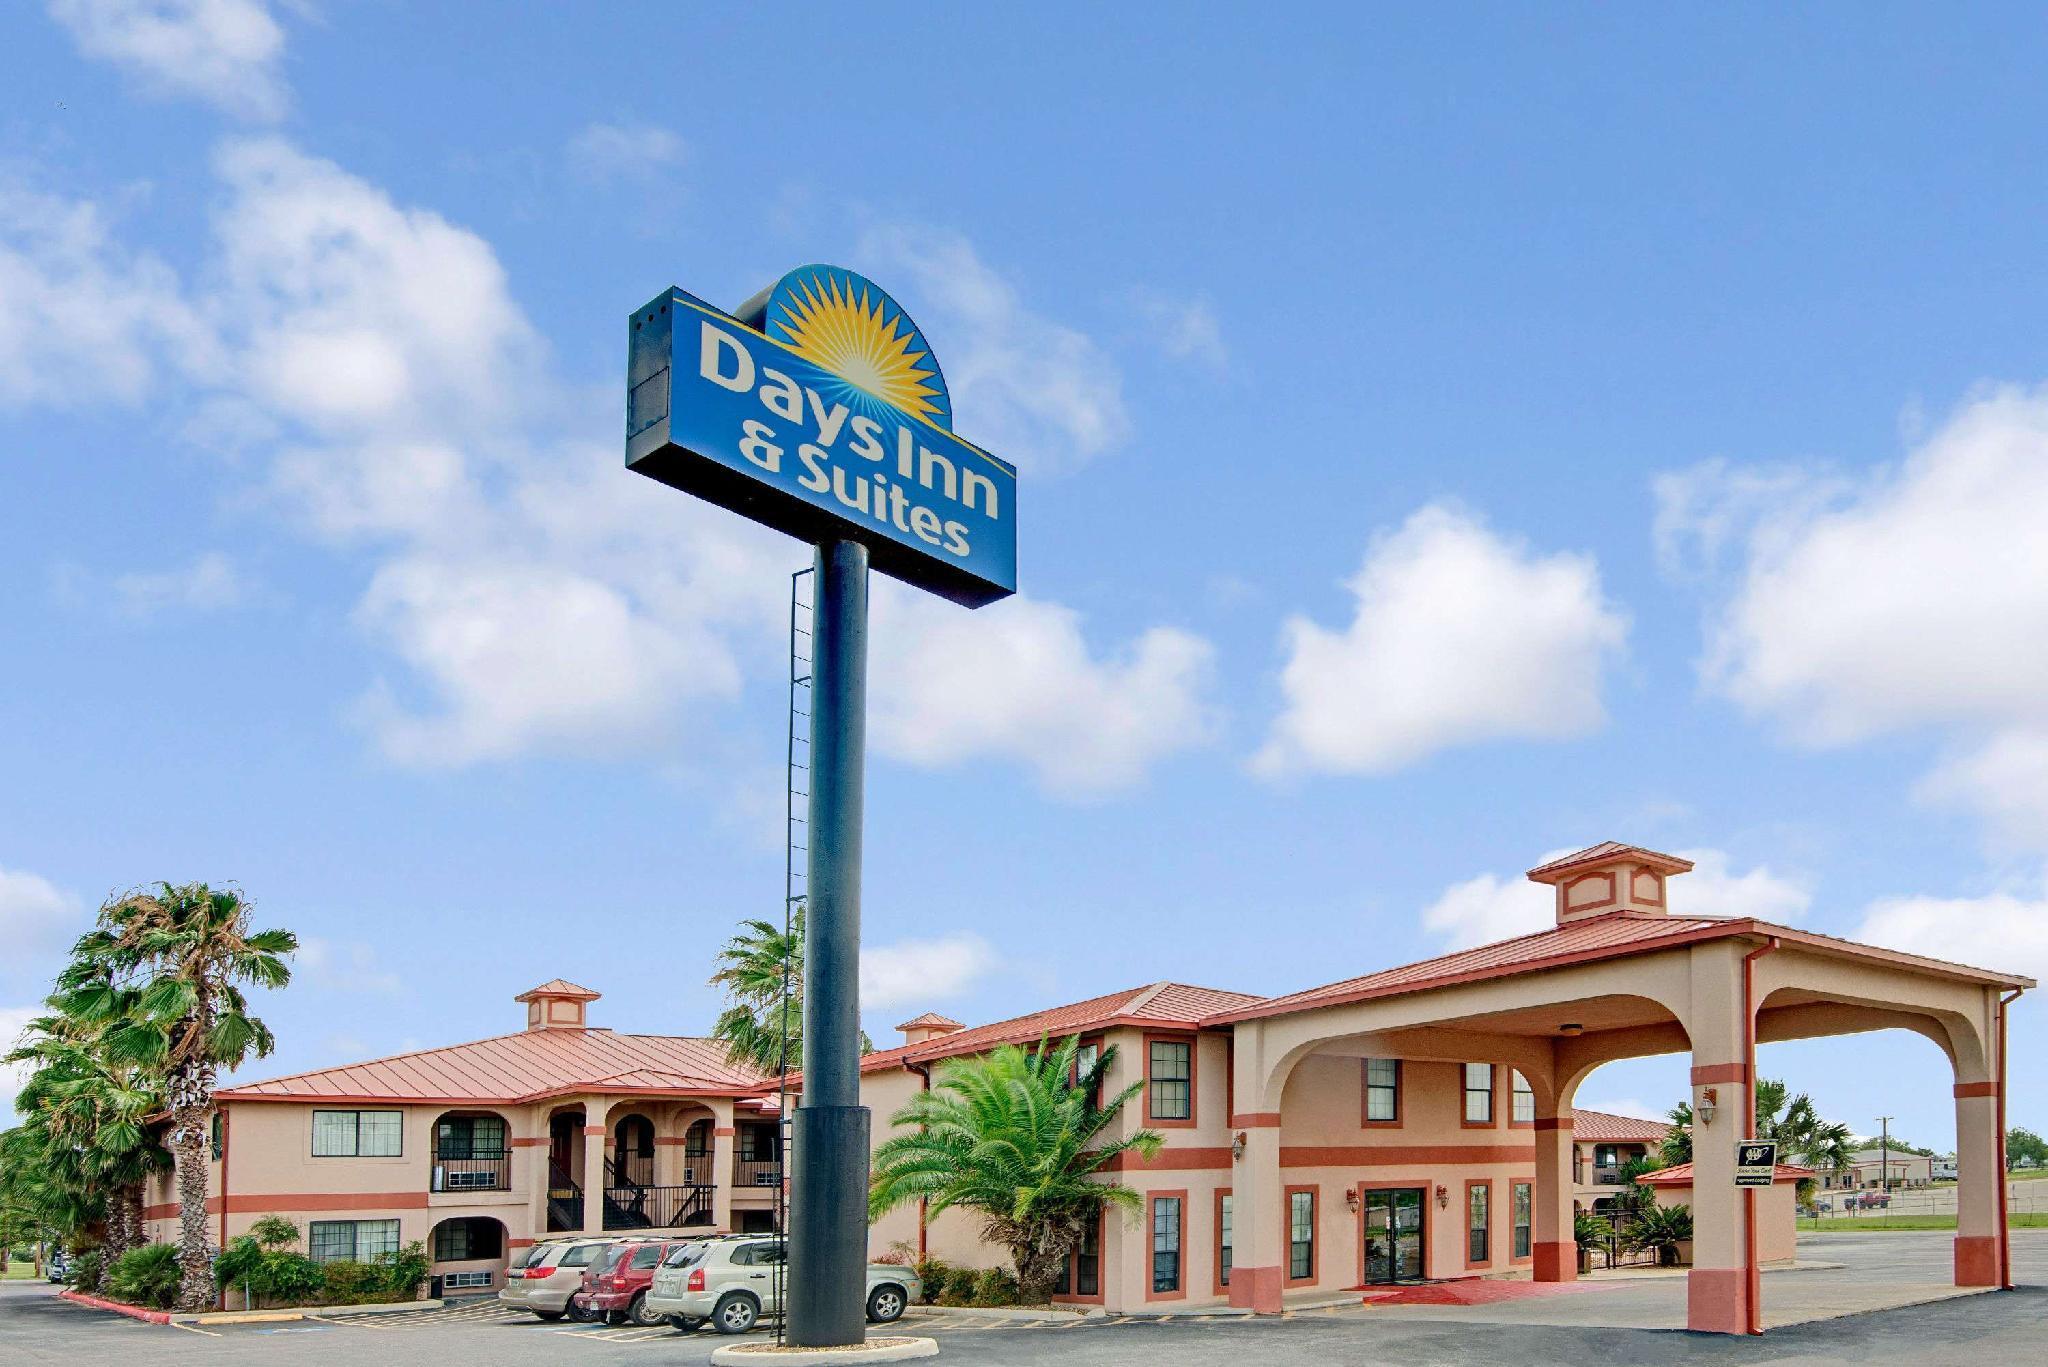 Days Inn And Suites By Wyndham Braunig Lake